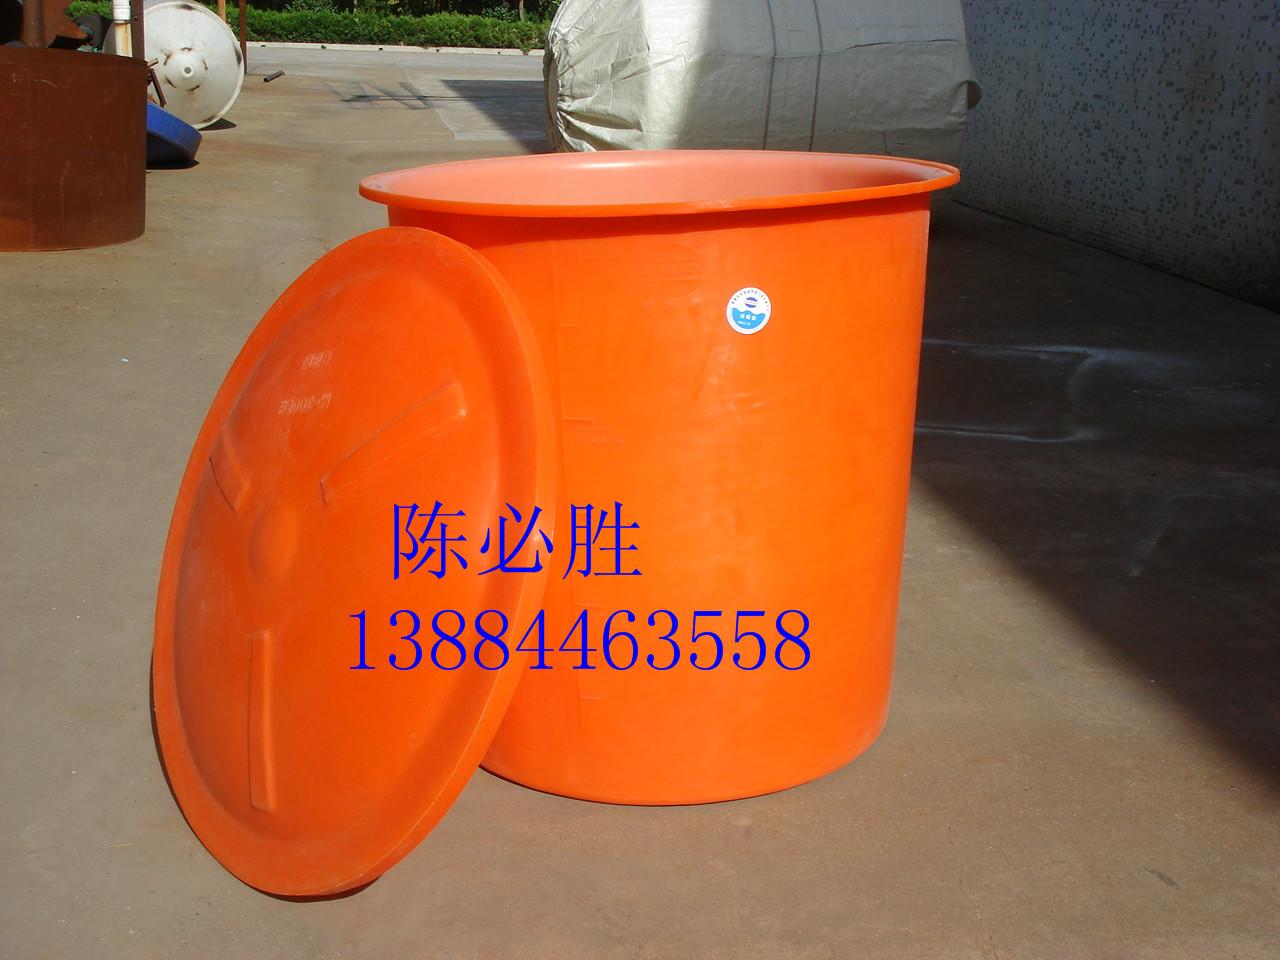 供应德阳2吨食品腌制桶 榨菜腌制桶